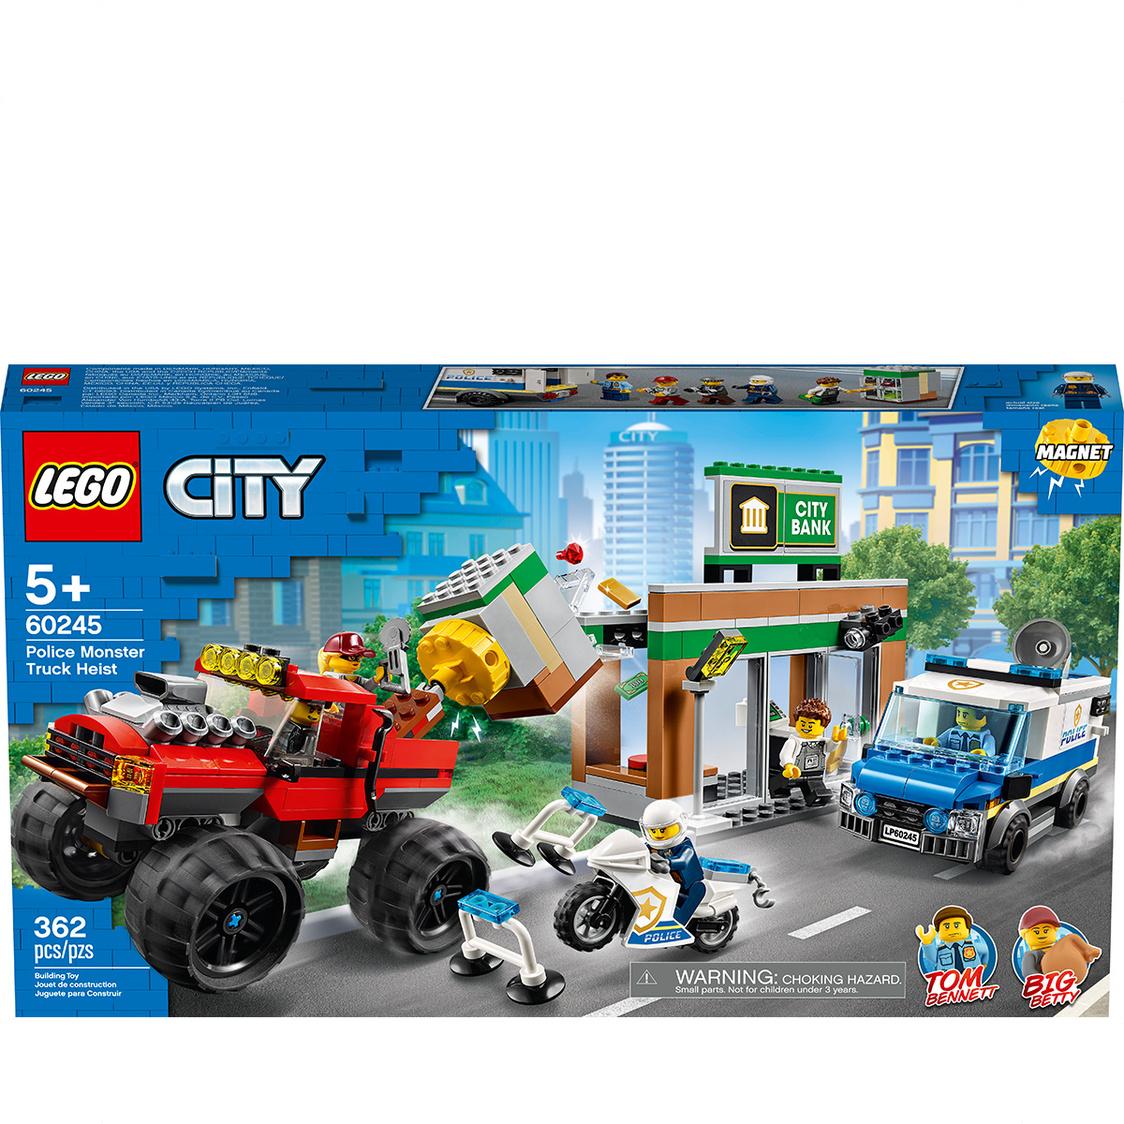 LEGO CITY - Police Monster Truck Heist 60245